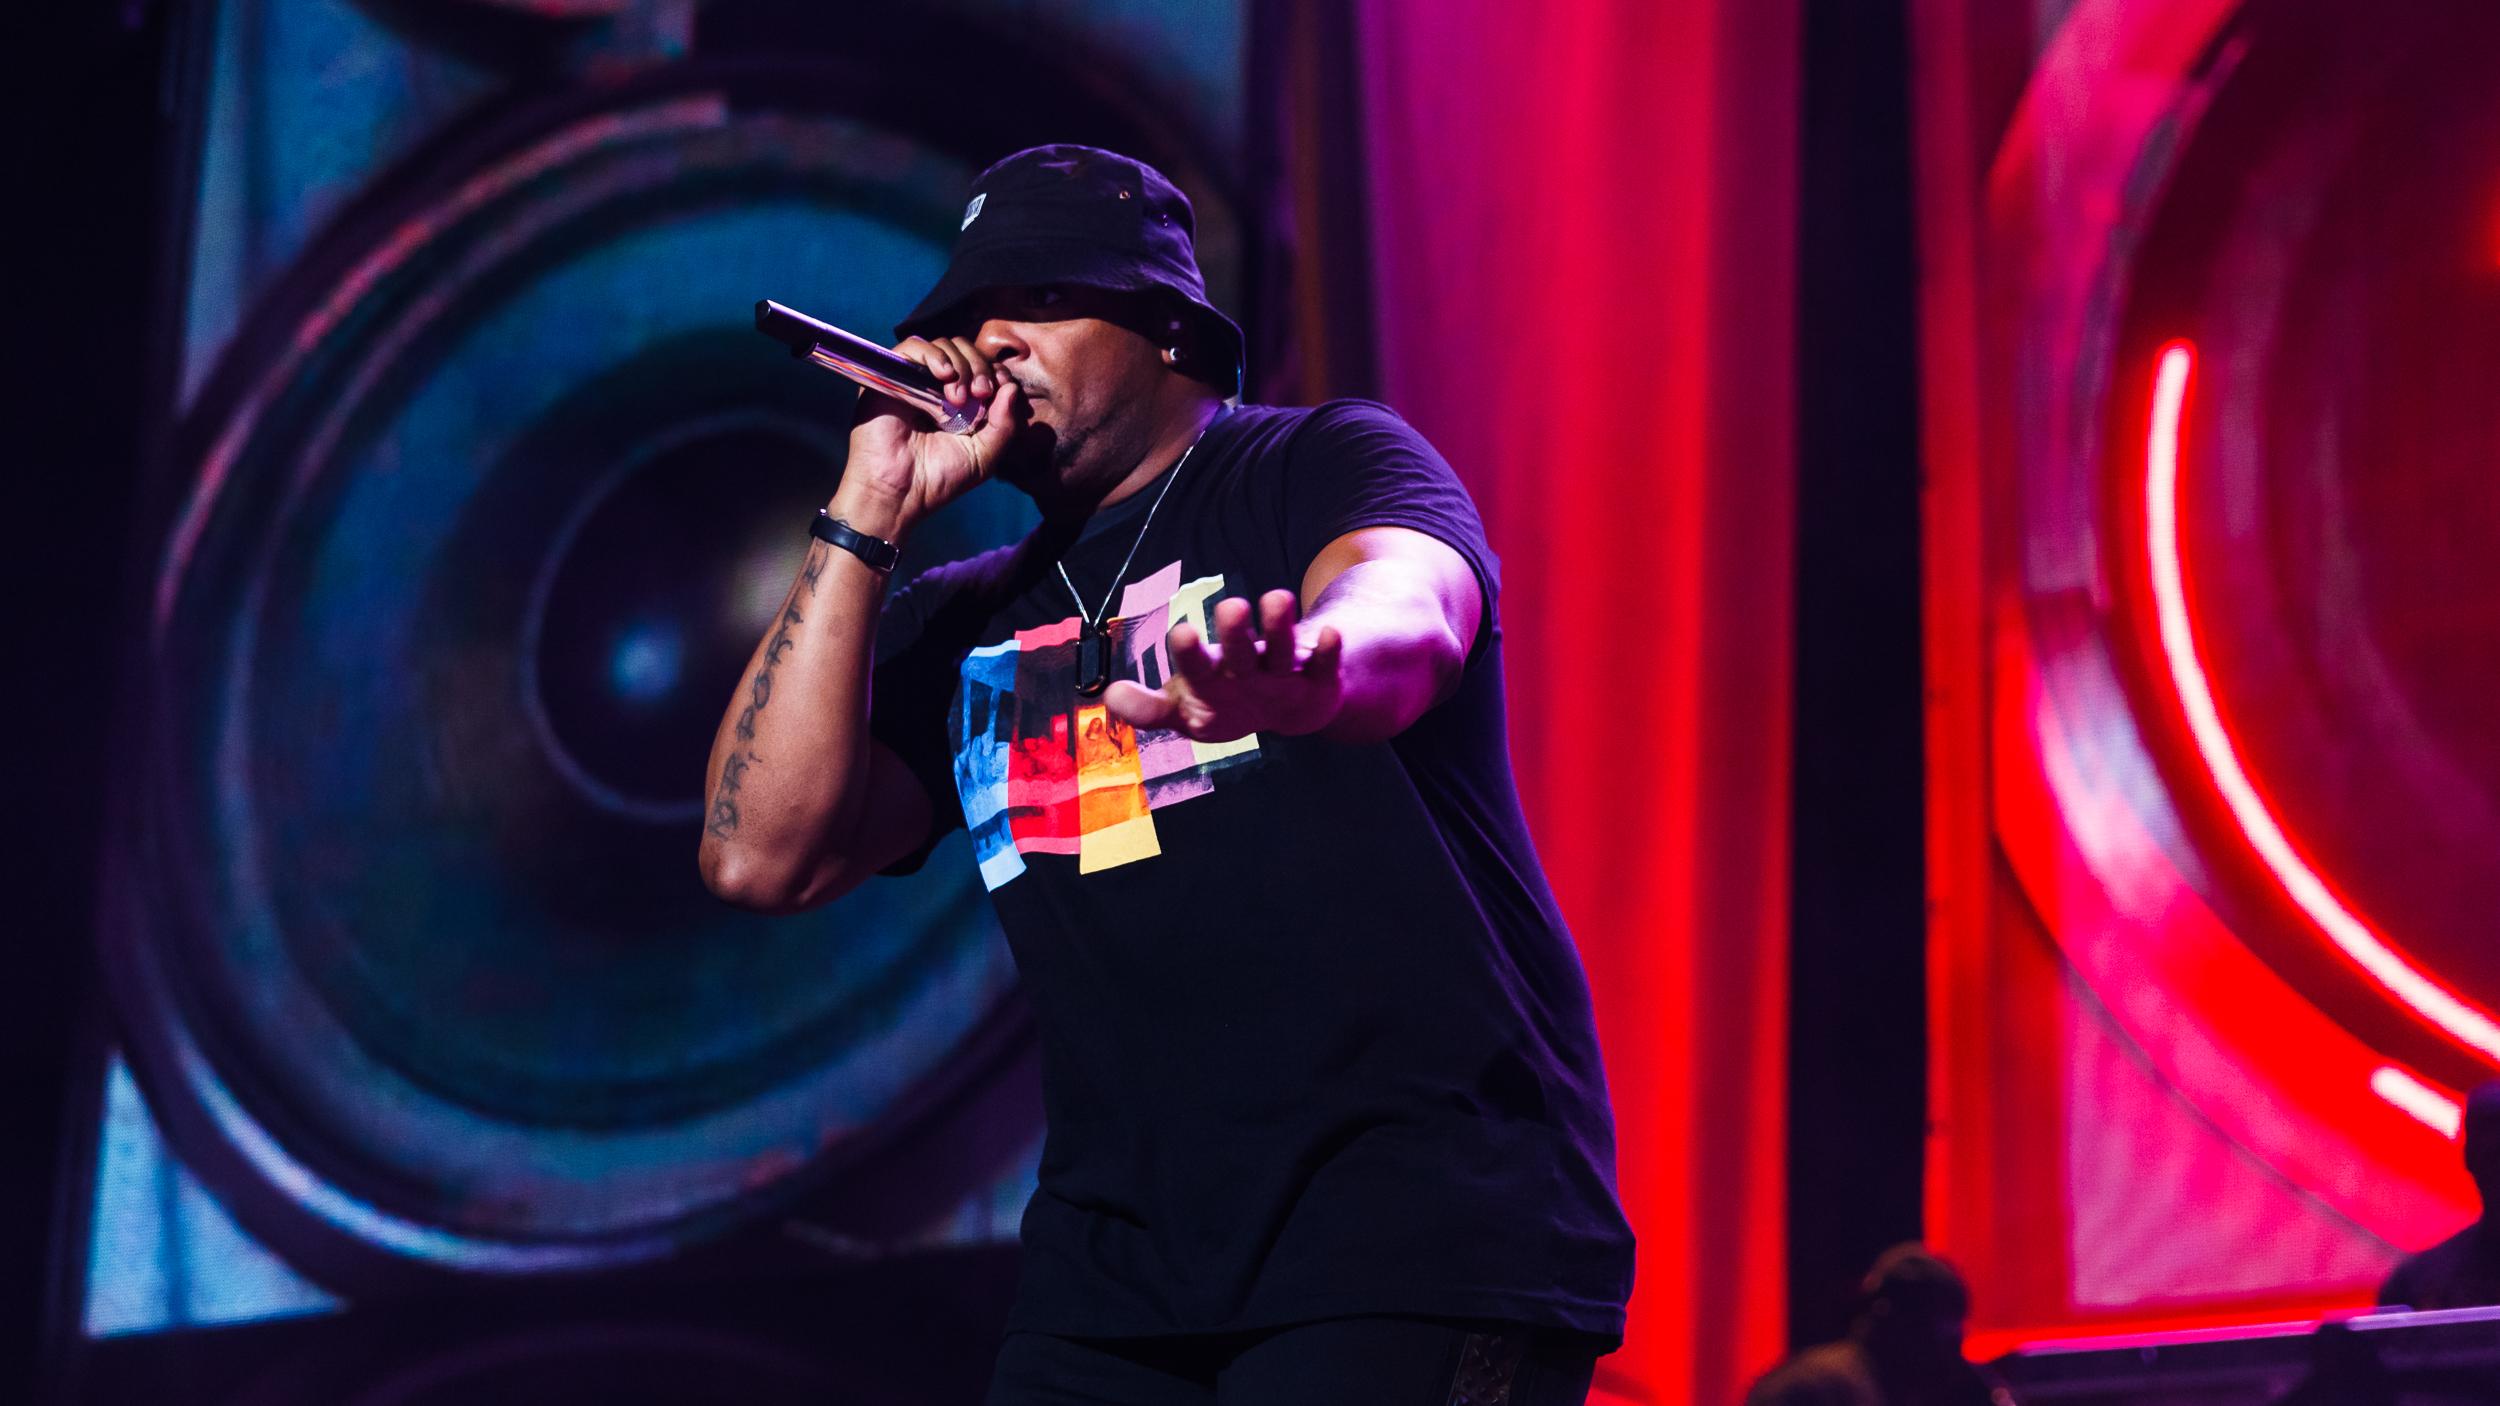 Eminem_photo7.jpg